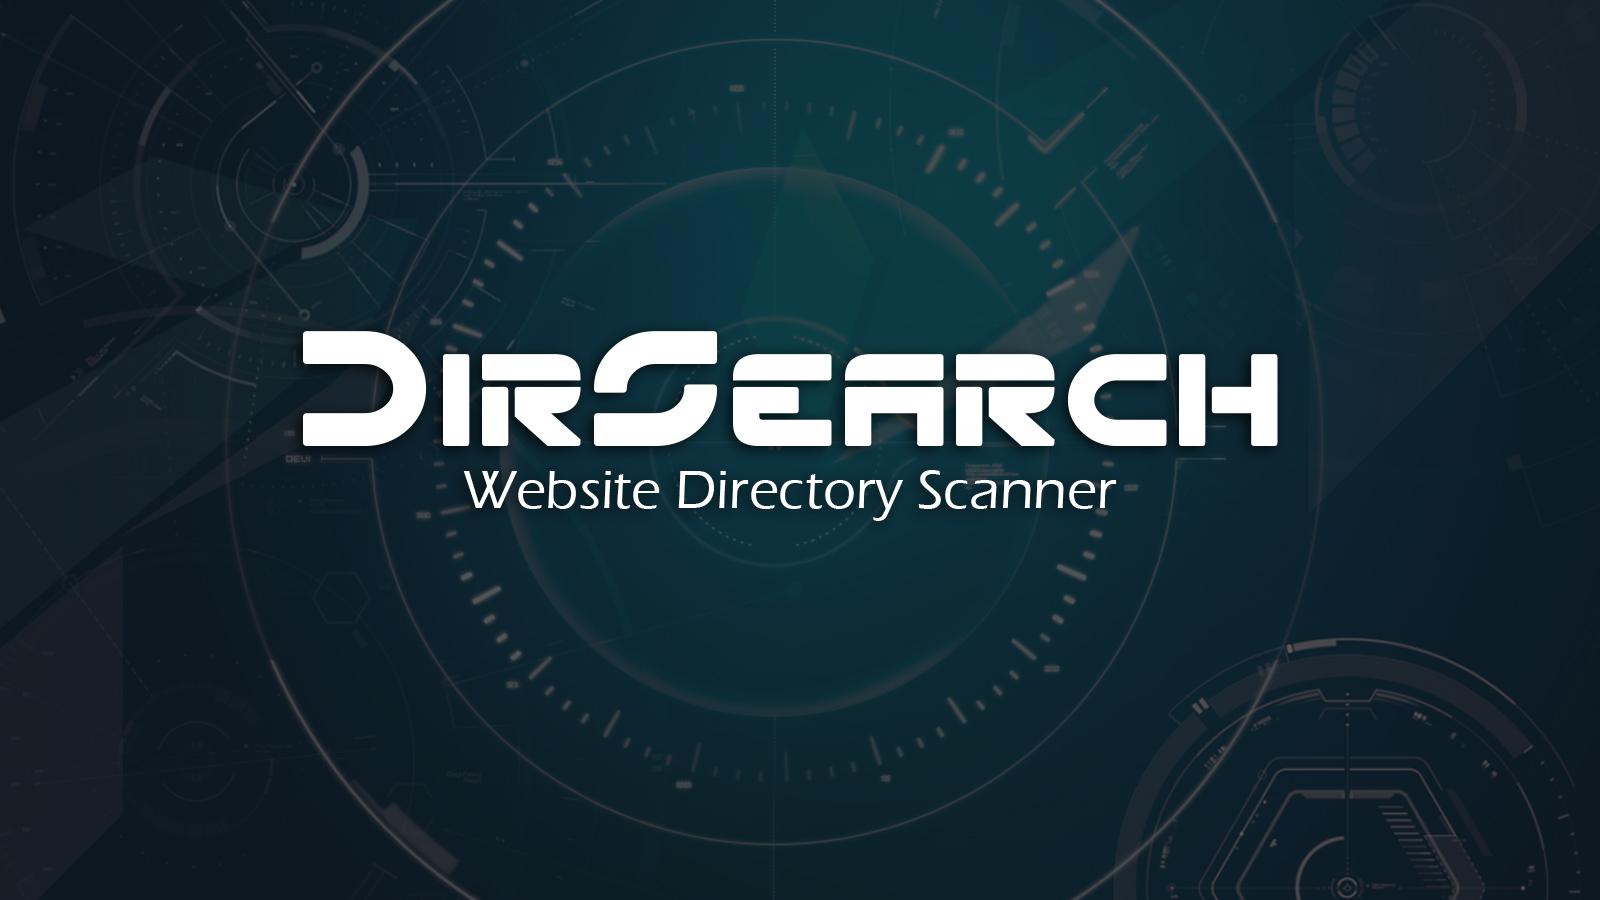 DirSearch - Website Directory Scanner